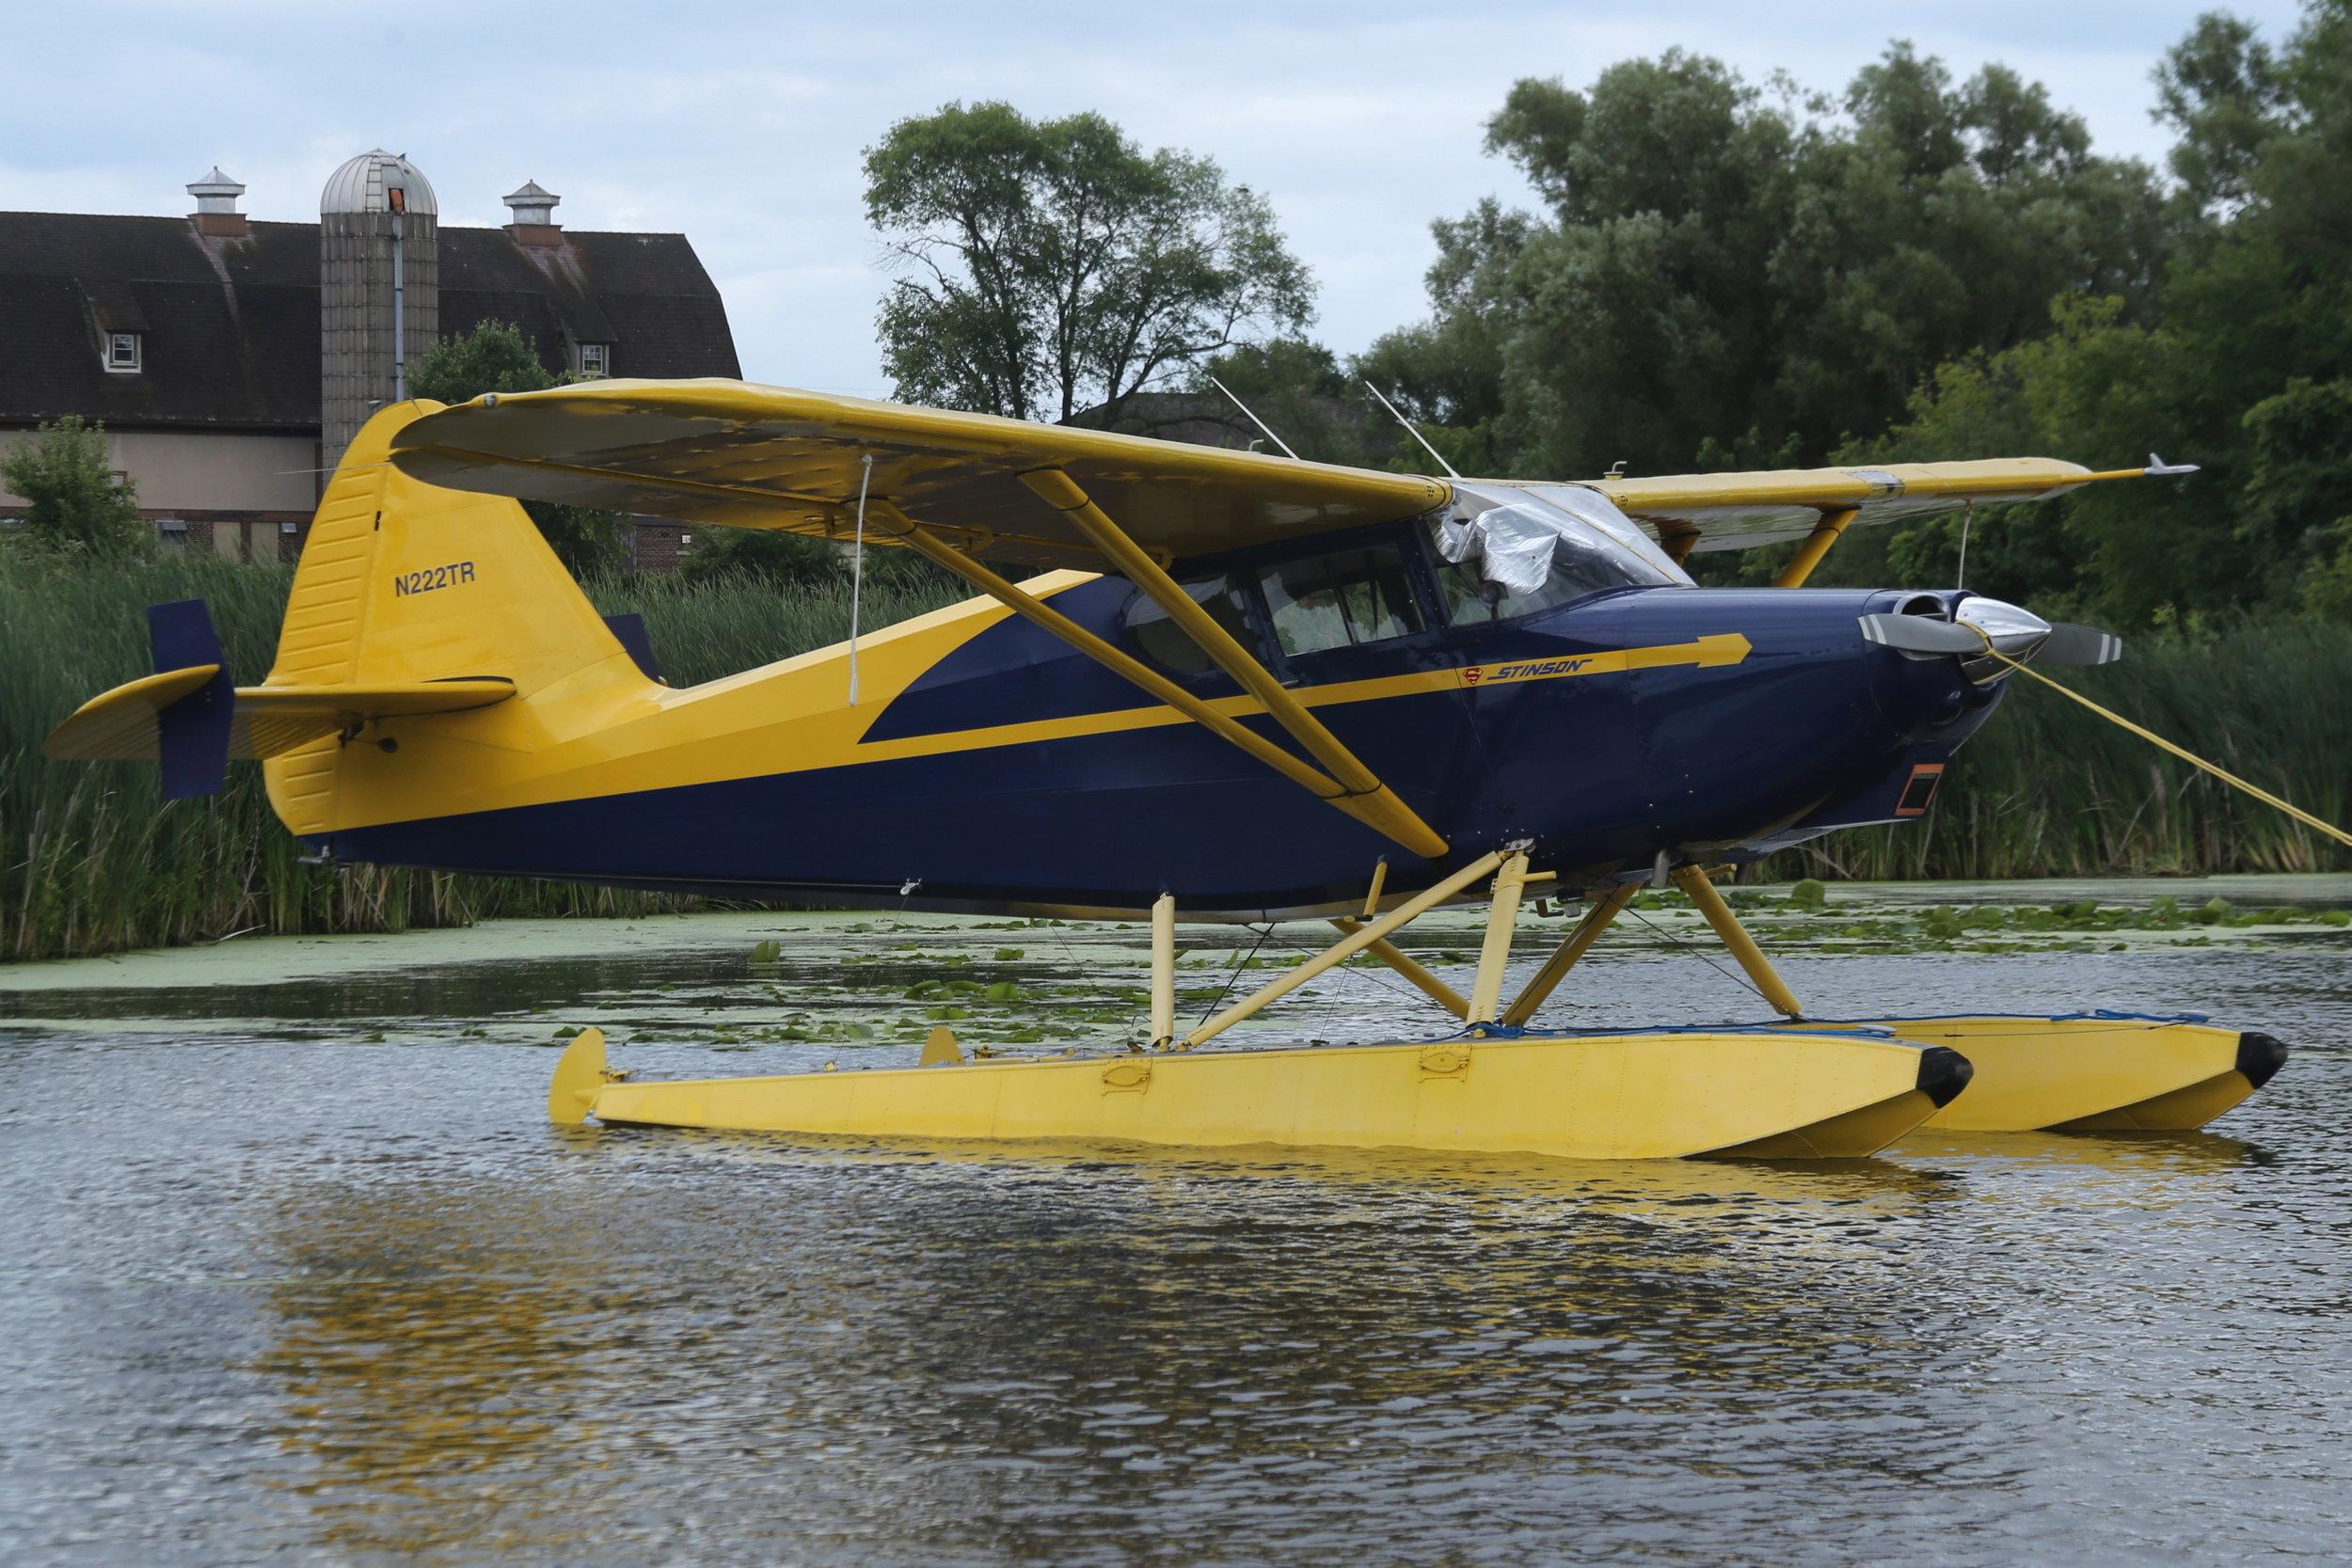 N222TR Stinson 108f taken at Lake Winnibago 26th July 2018 by John Wood